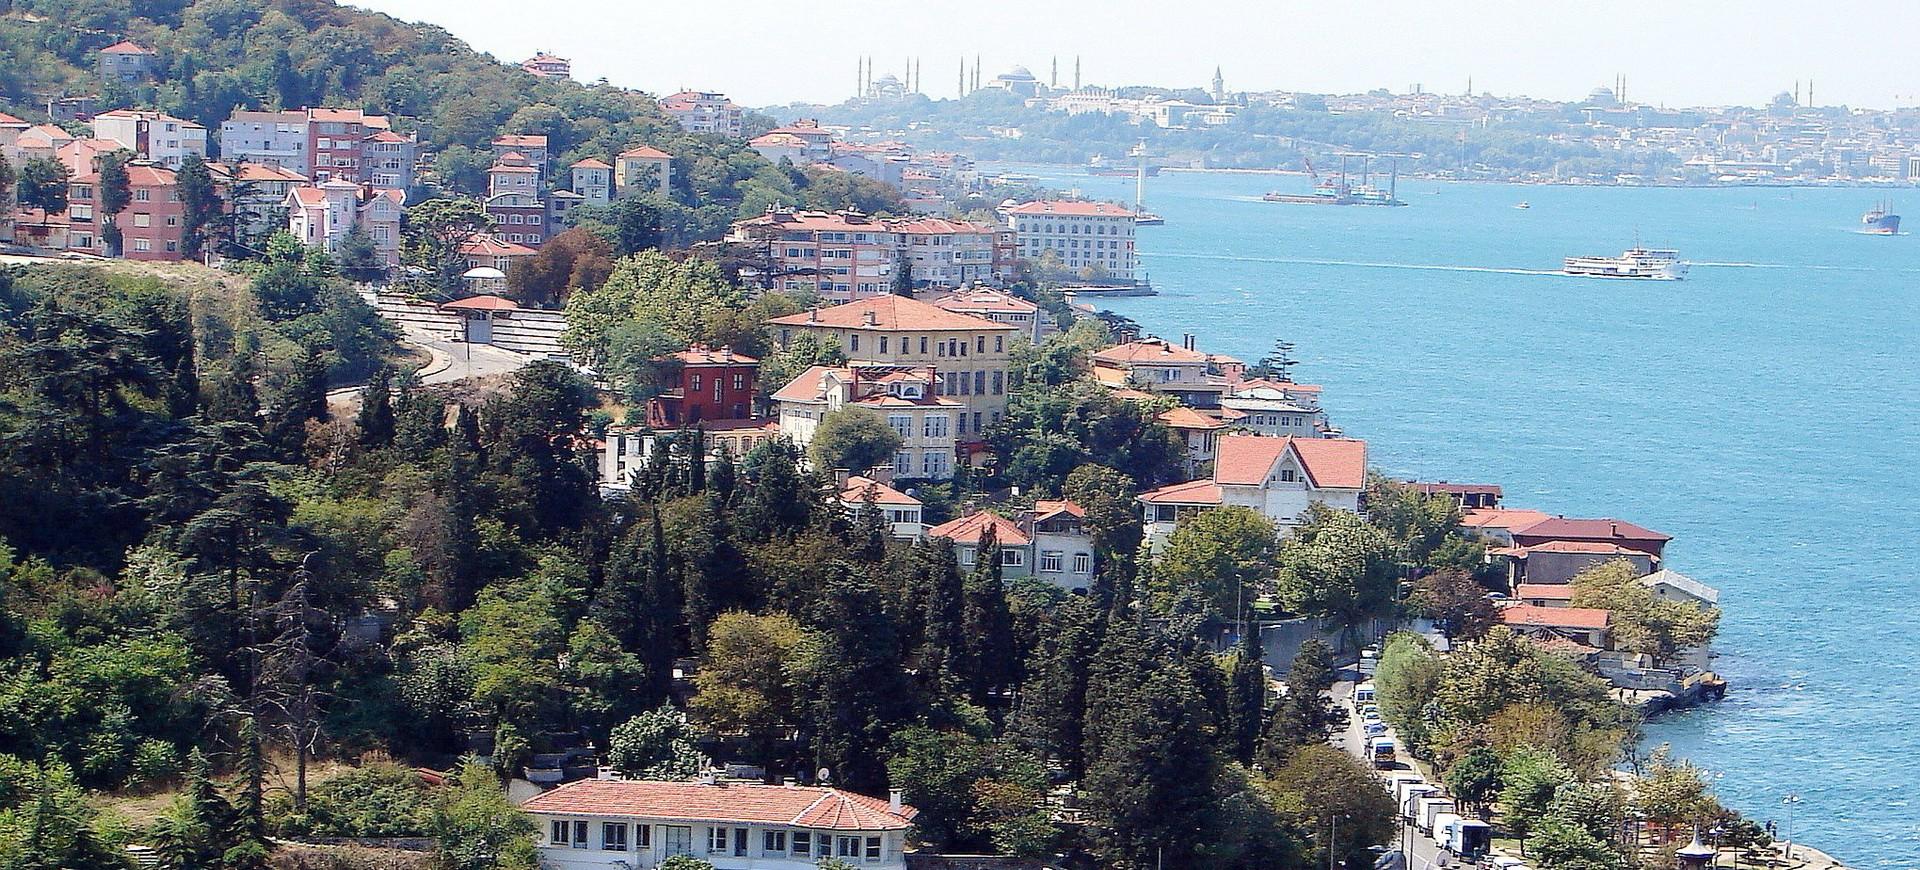 Turquie Istanbul au bord de la rivière Bosphore